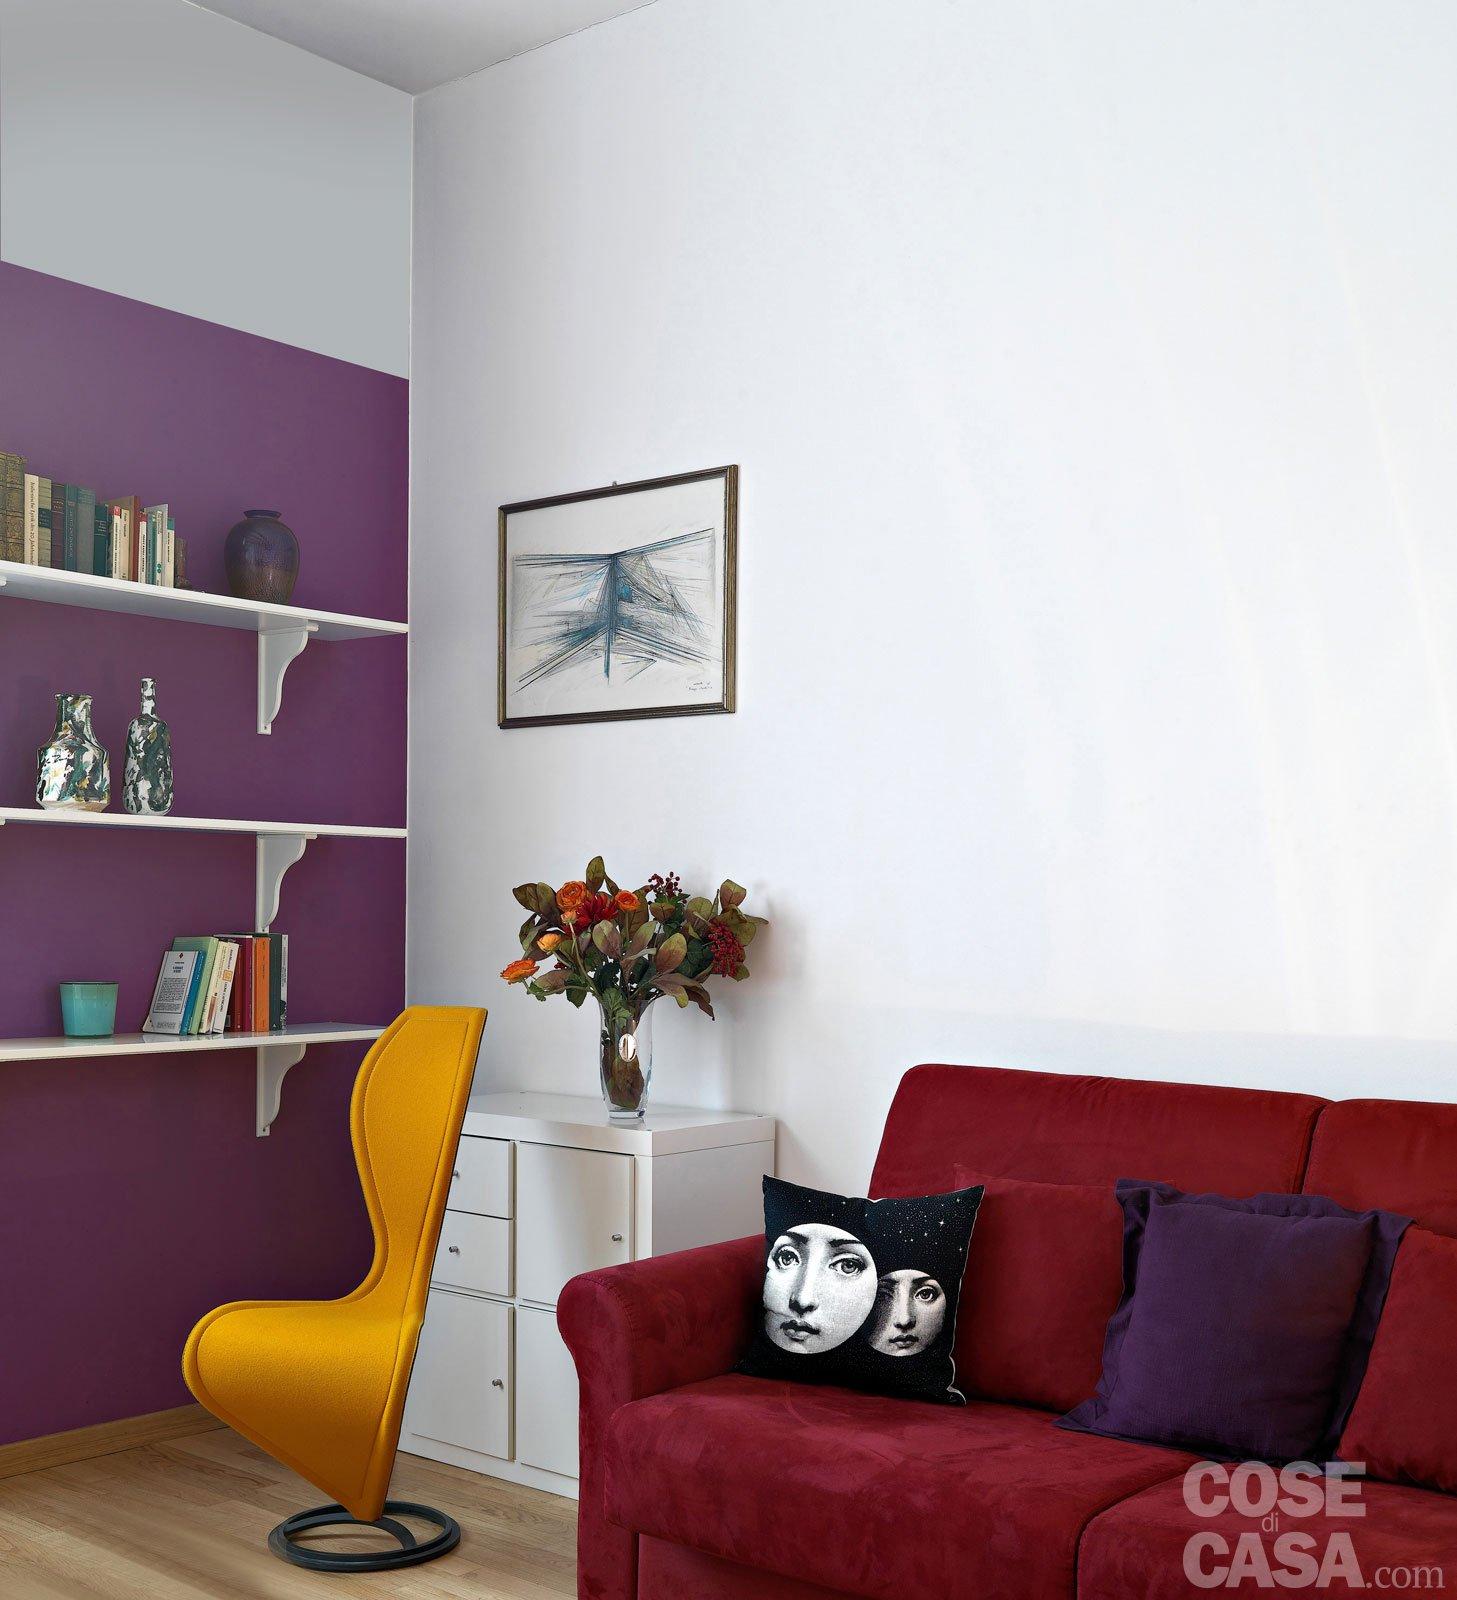 Pitturare le pareti i trucchi che ingannano l occhio for Immagini salotto